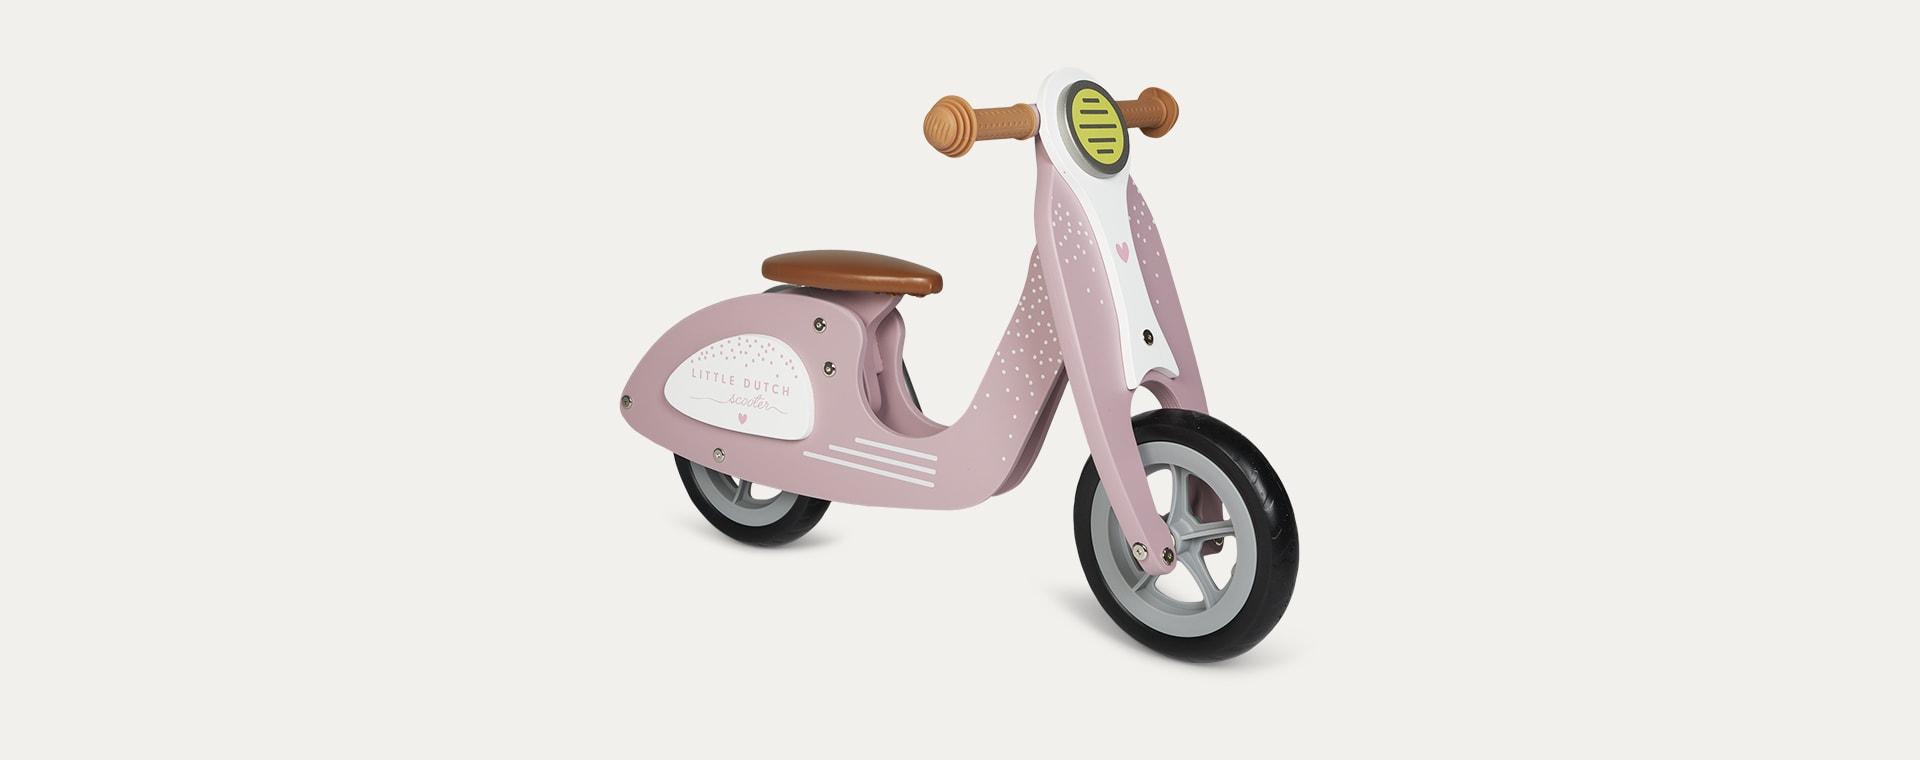 Pink Little Dutch Balance Scooter